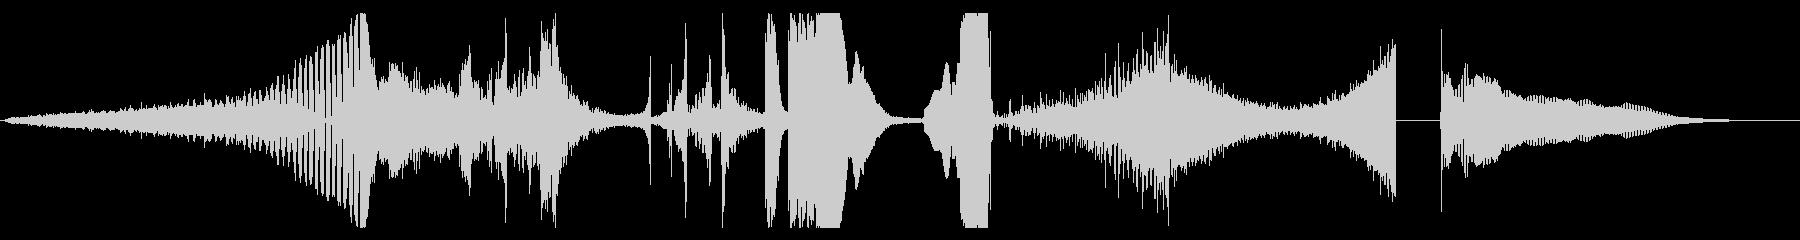 トレーラー ティーザー 先鋭的動画向けの未再生の波形